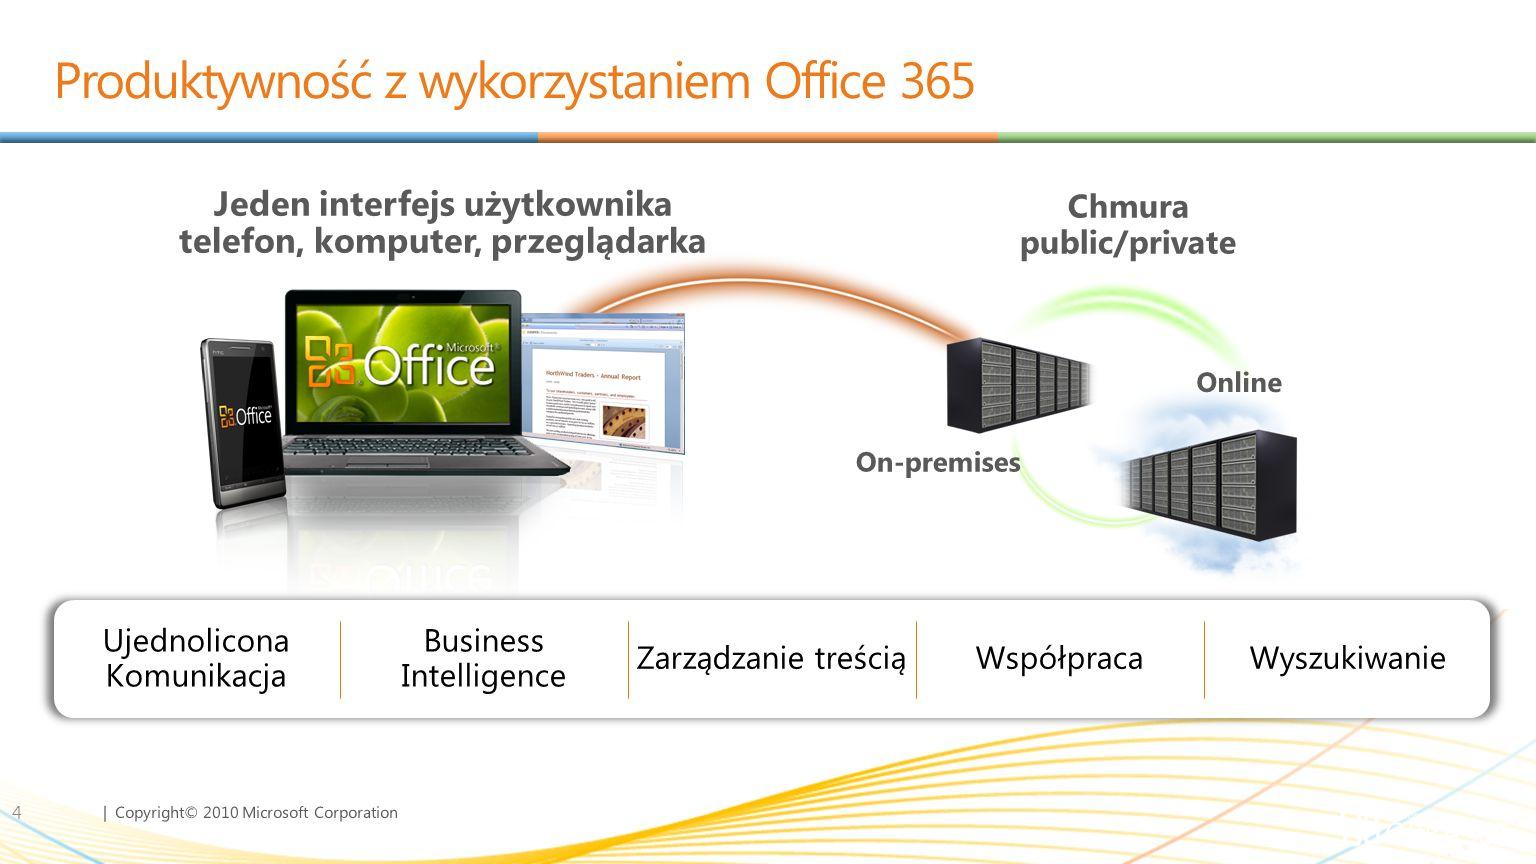 Produktywność z wykorzystaniem Office 365